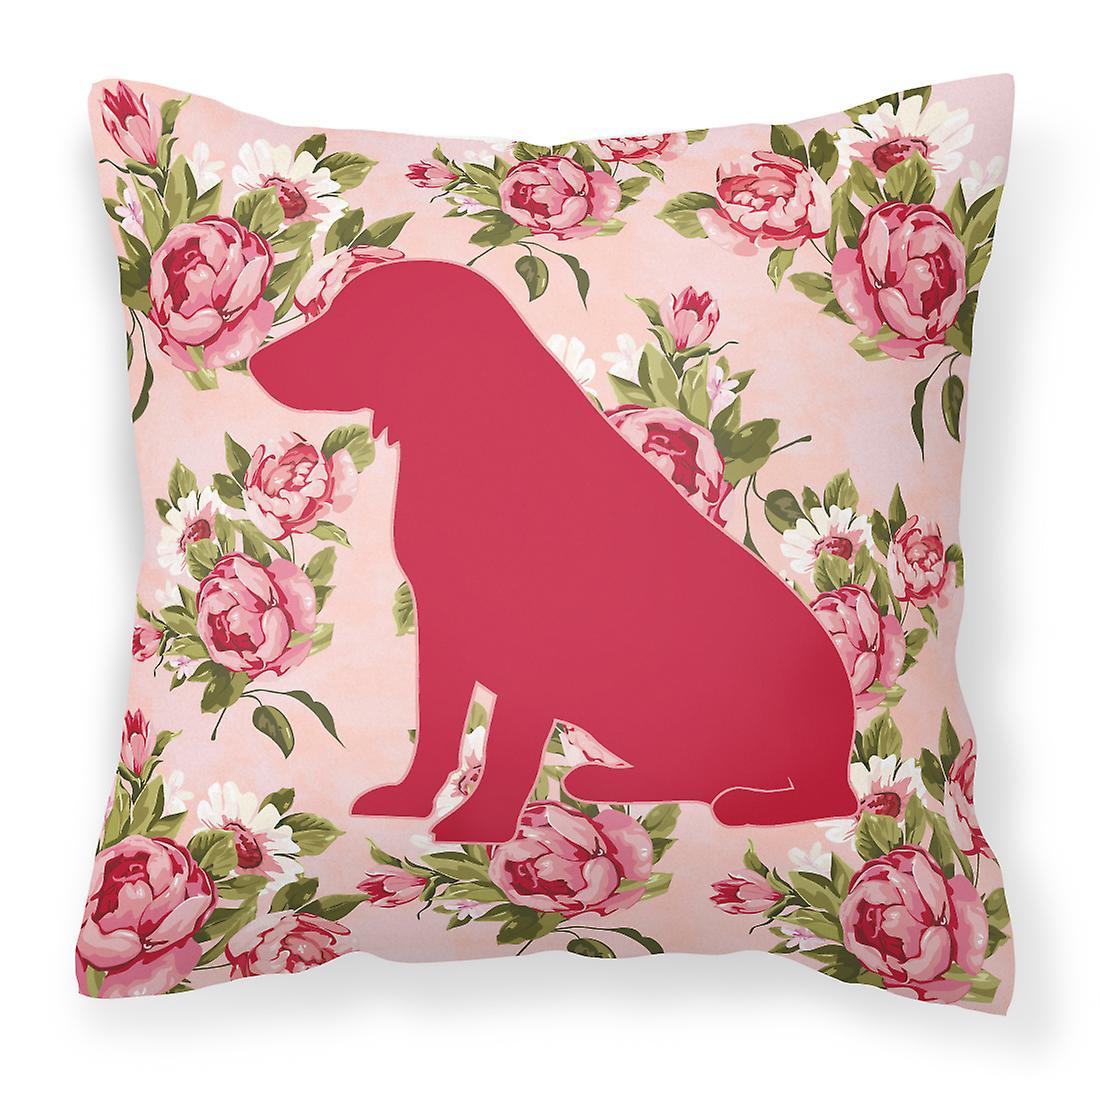 Spaniel Boykin Roses Tissu Décoratif Chic Shabby Oreiller pqSVzUMG